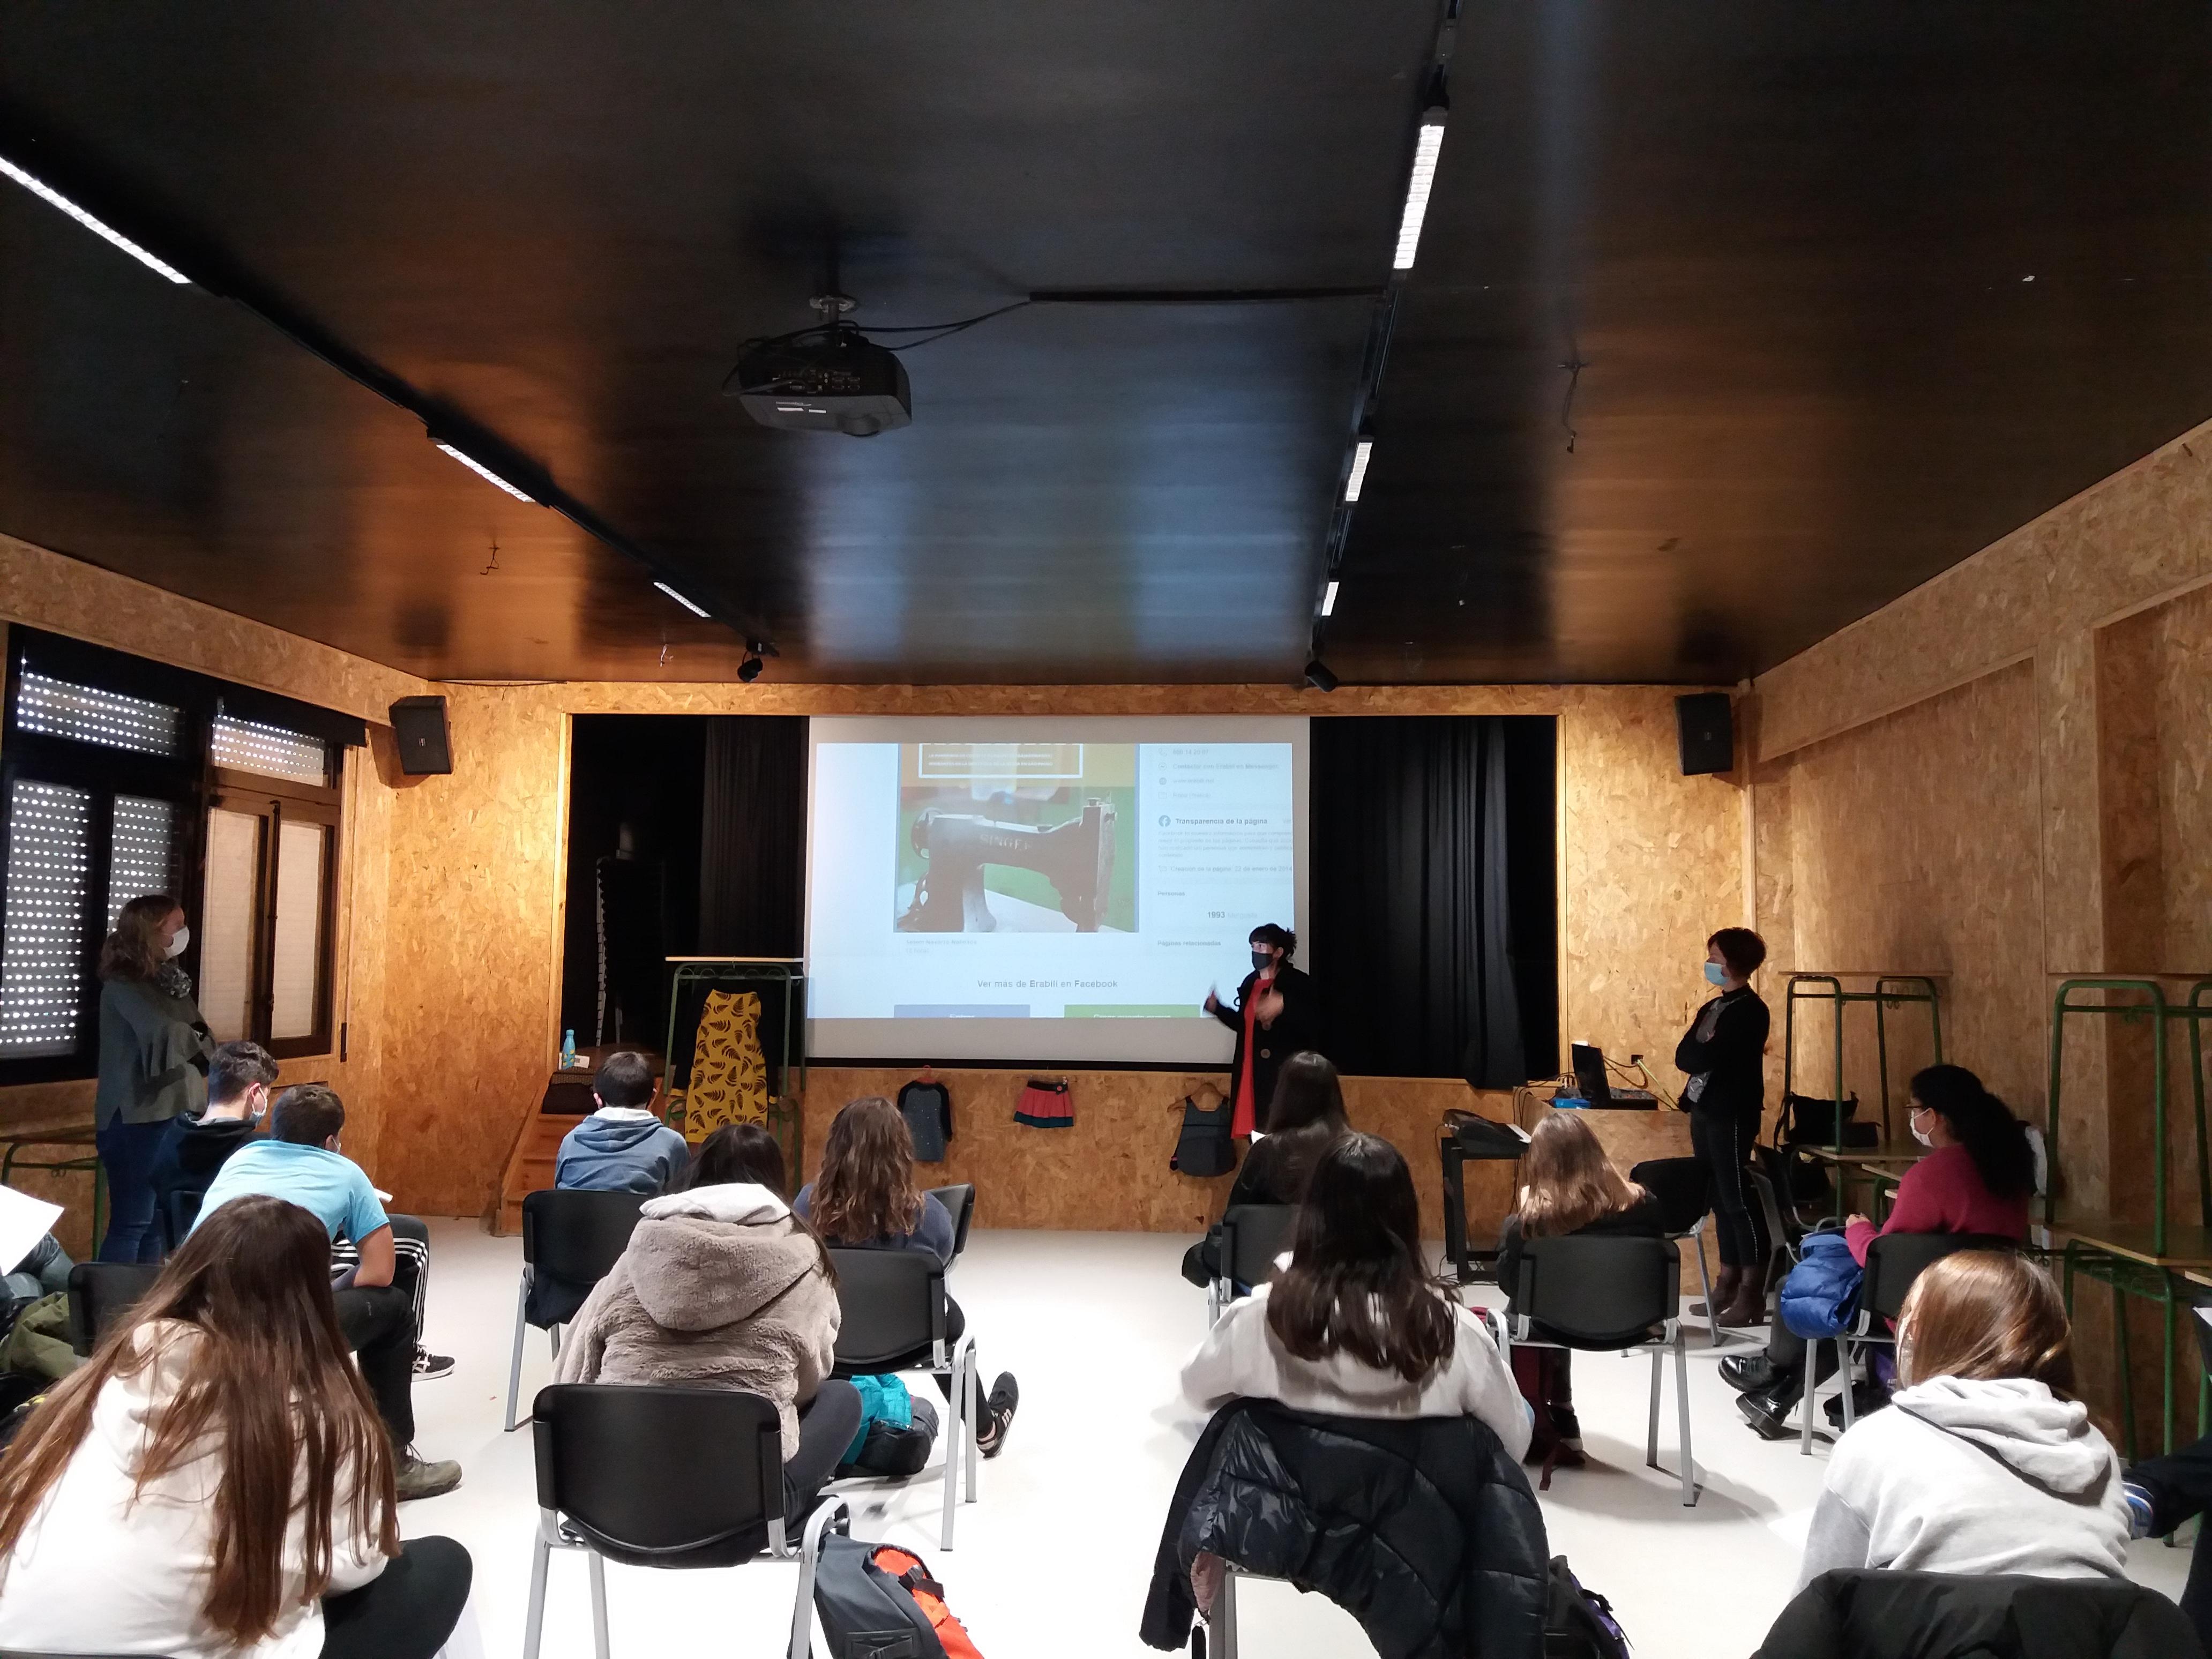 Cederna Garalur apoya la creación de 27 empresas en la Montaña de Navarra durante el primer trimestre de 2021.